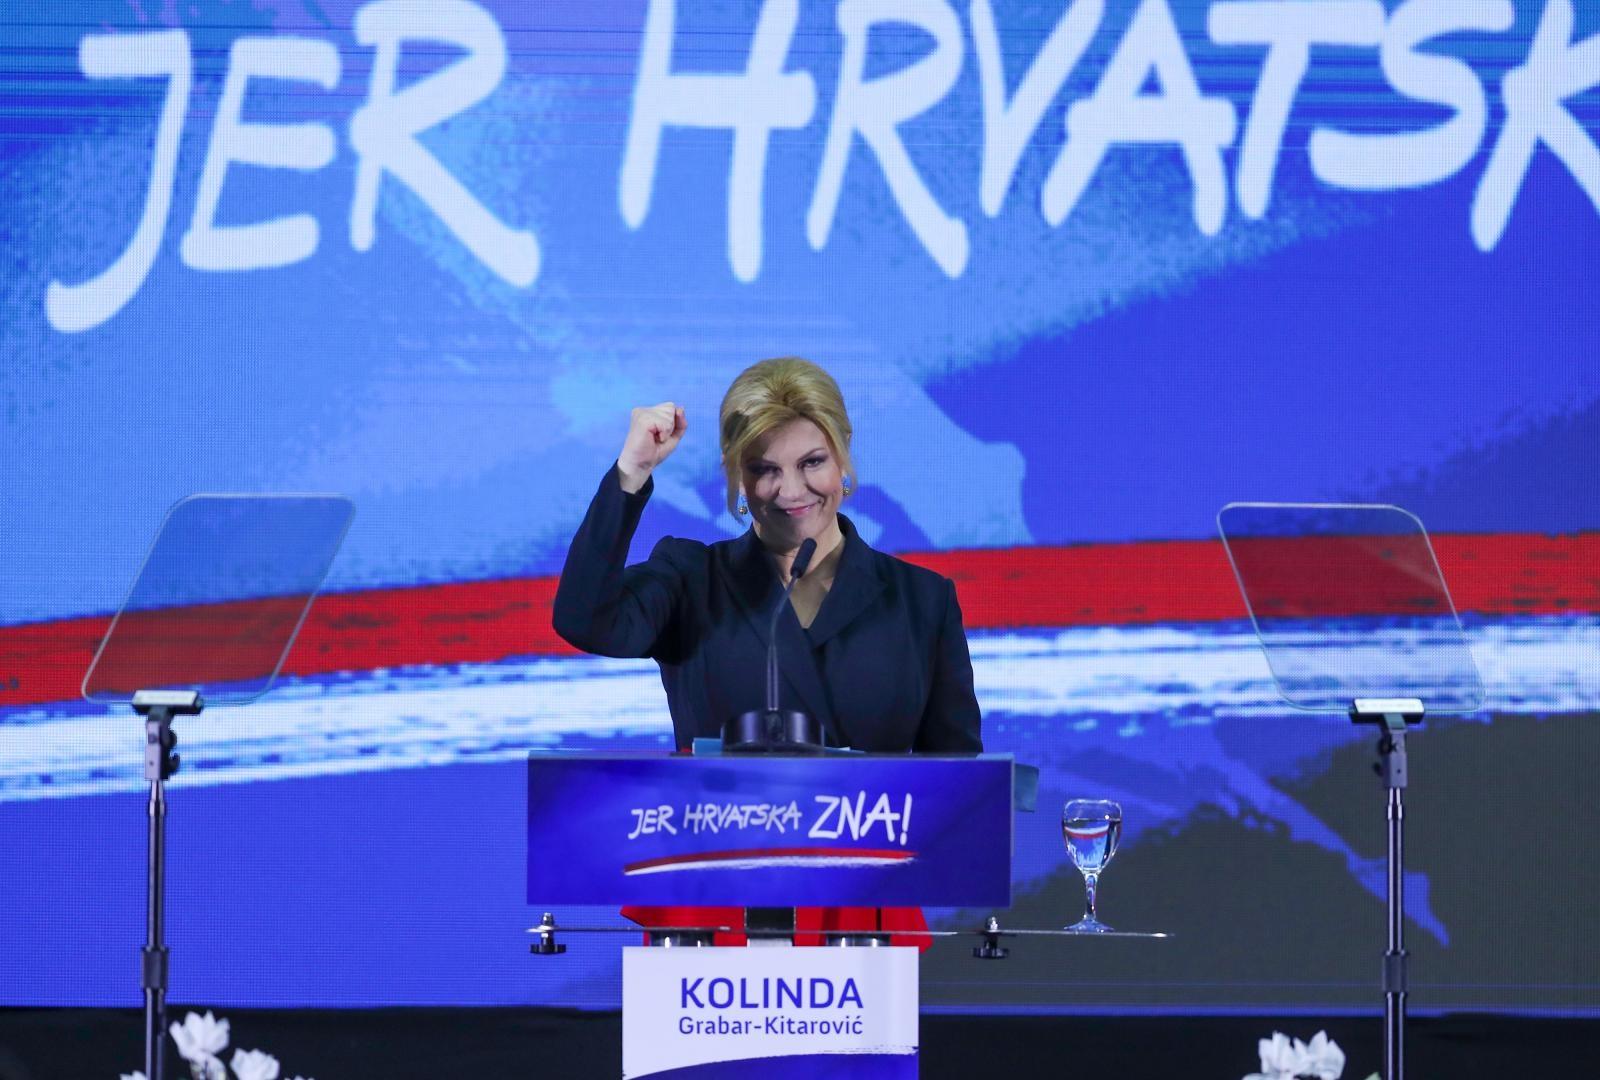 Predsjednica predstavila program za predstojeće izbore